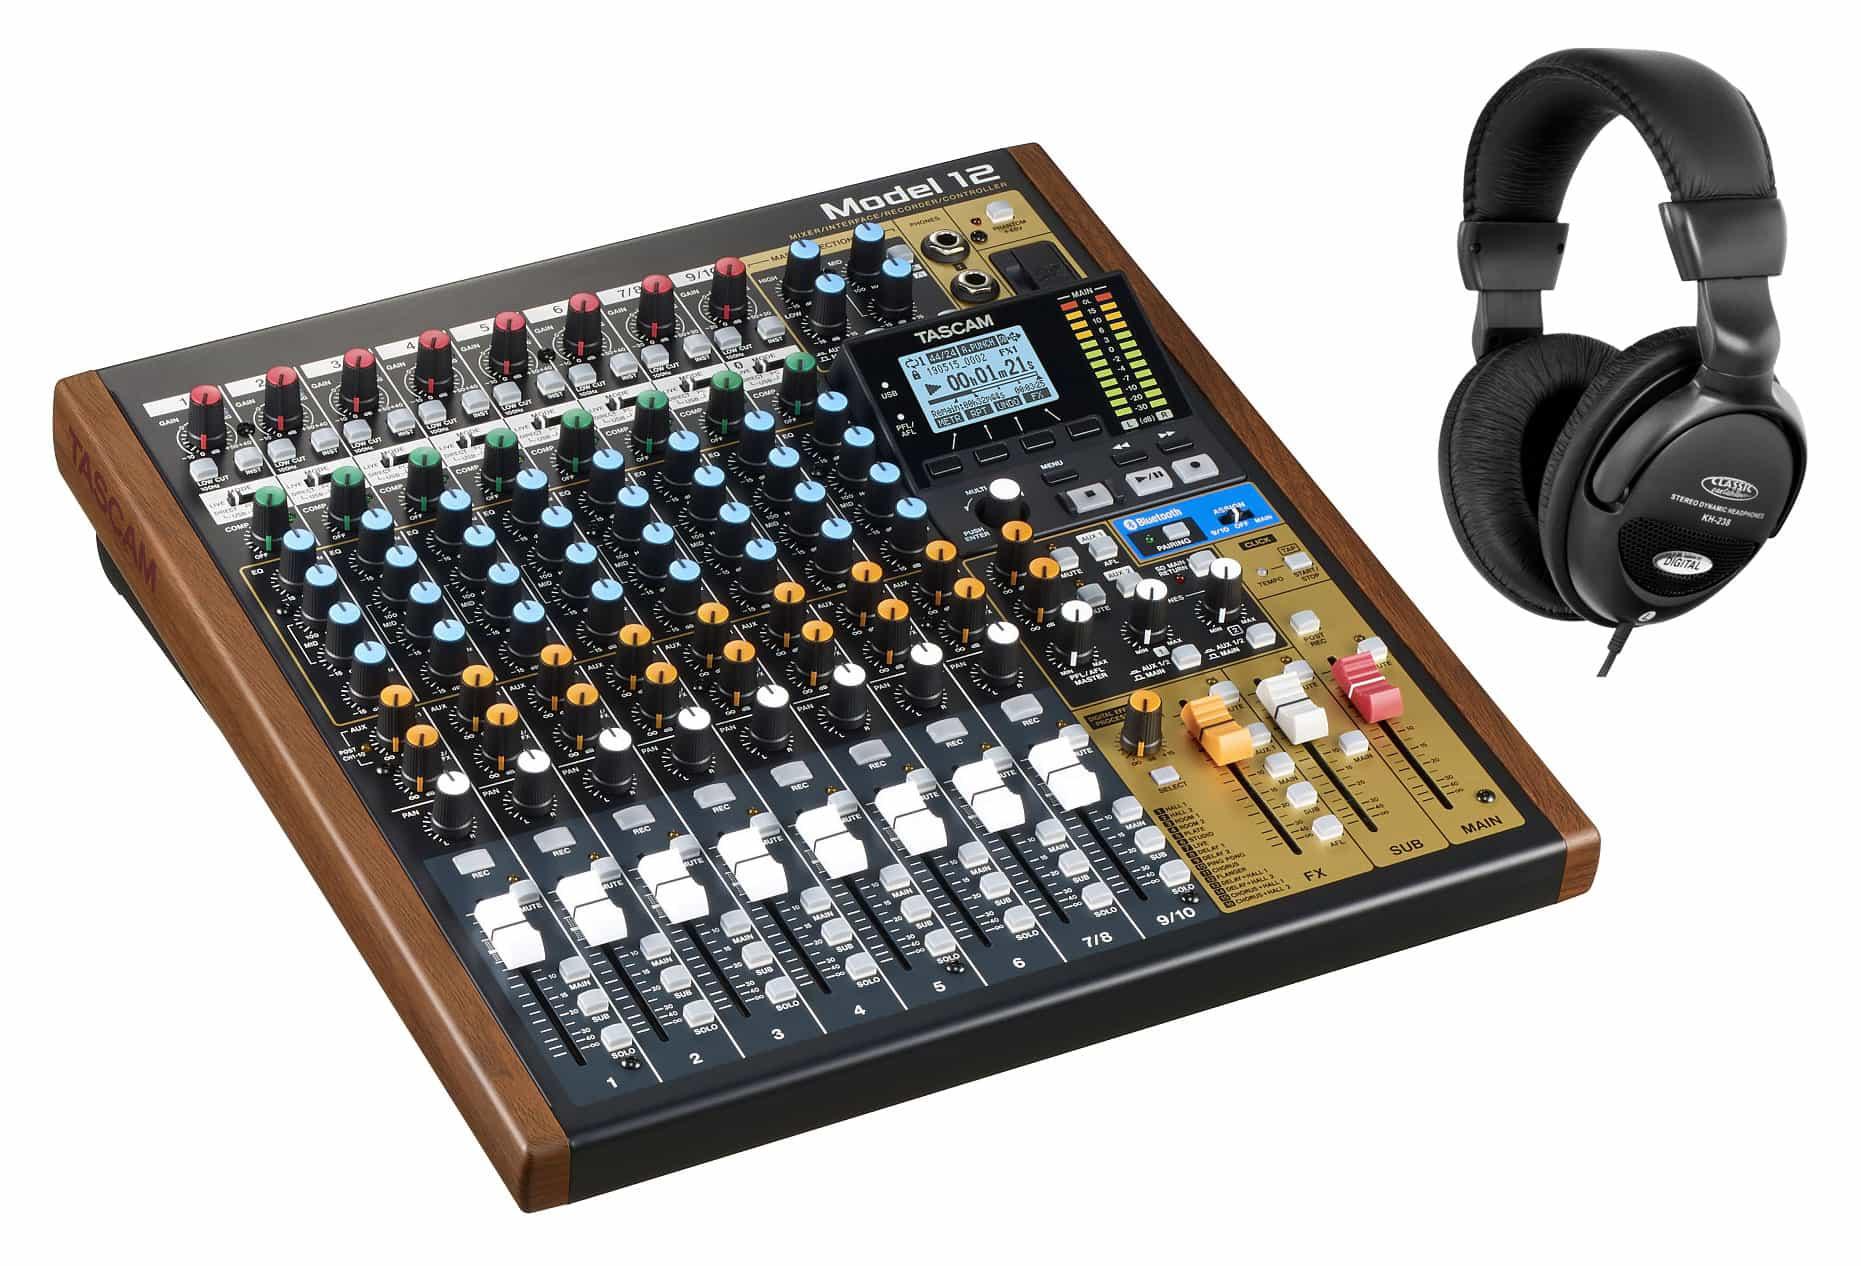 Mischpulte - Tascam Model 12 Analogmischpult Set - Onlineshop Musikhaus Kirstein